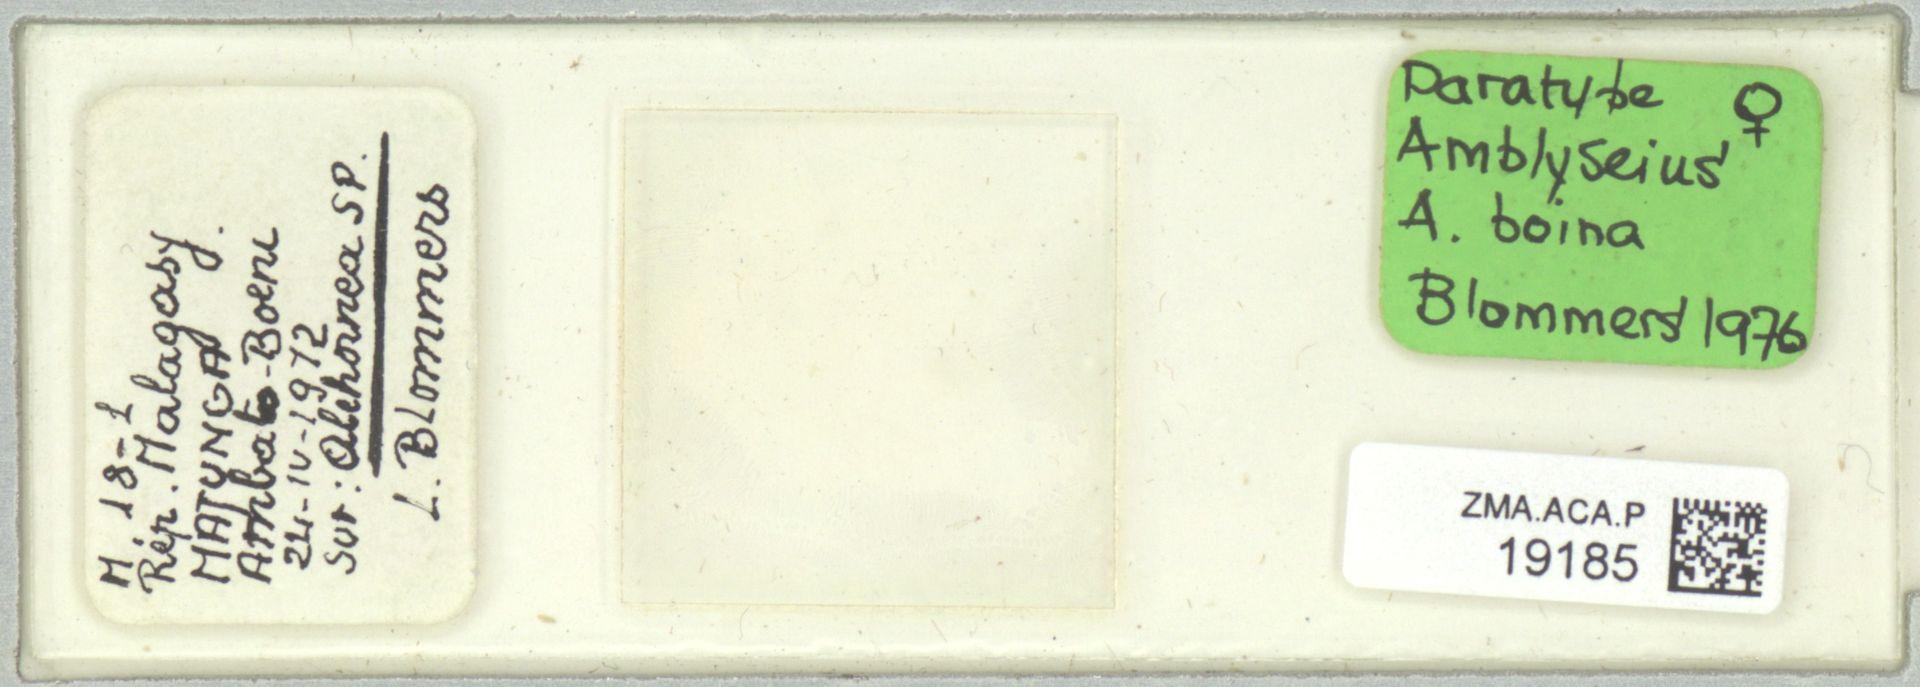 ZMA.ACA.P.19185 | Amblyseius (Amblyseius) boina Blommers, 1976